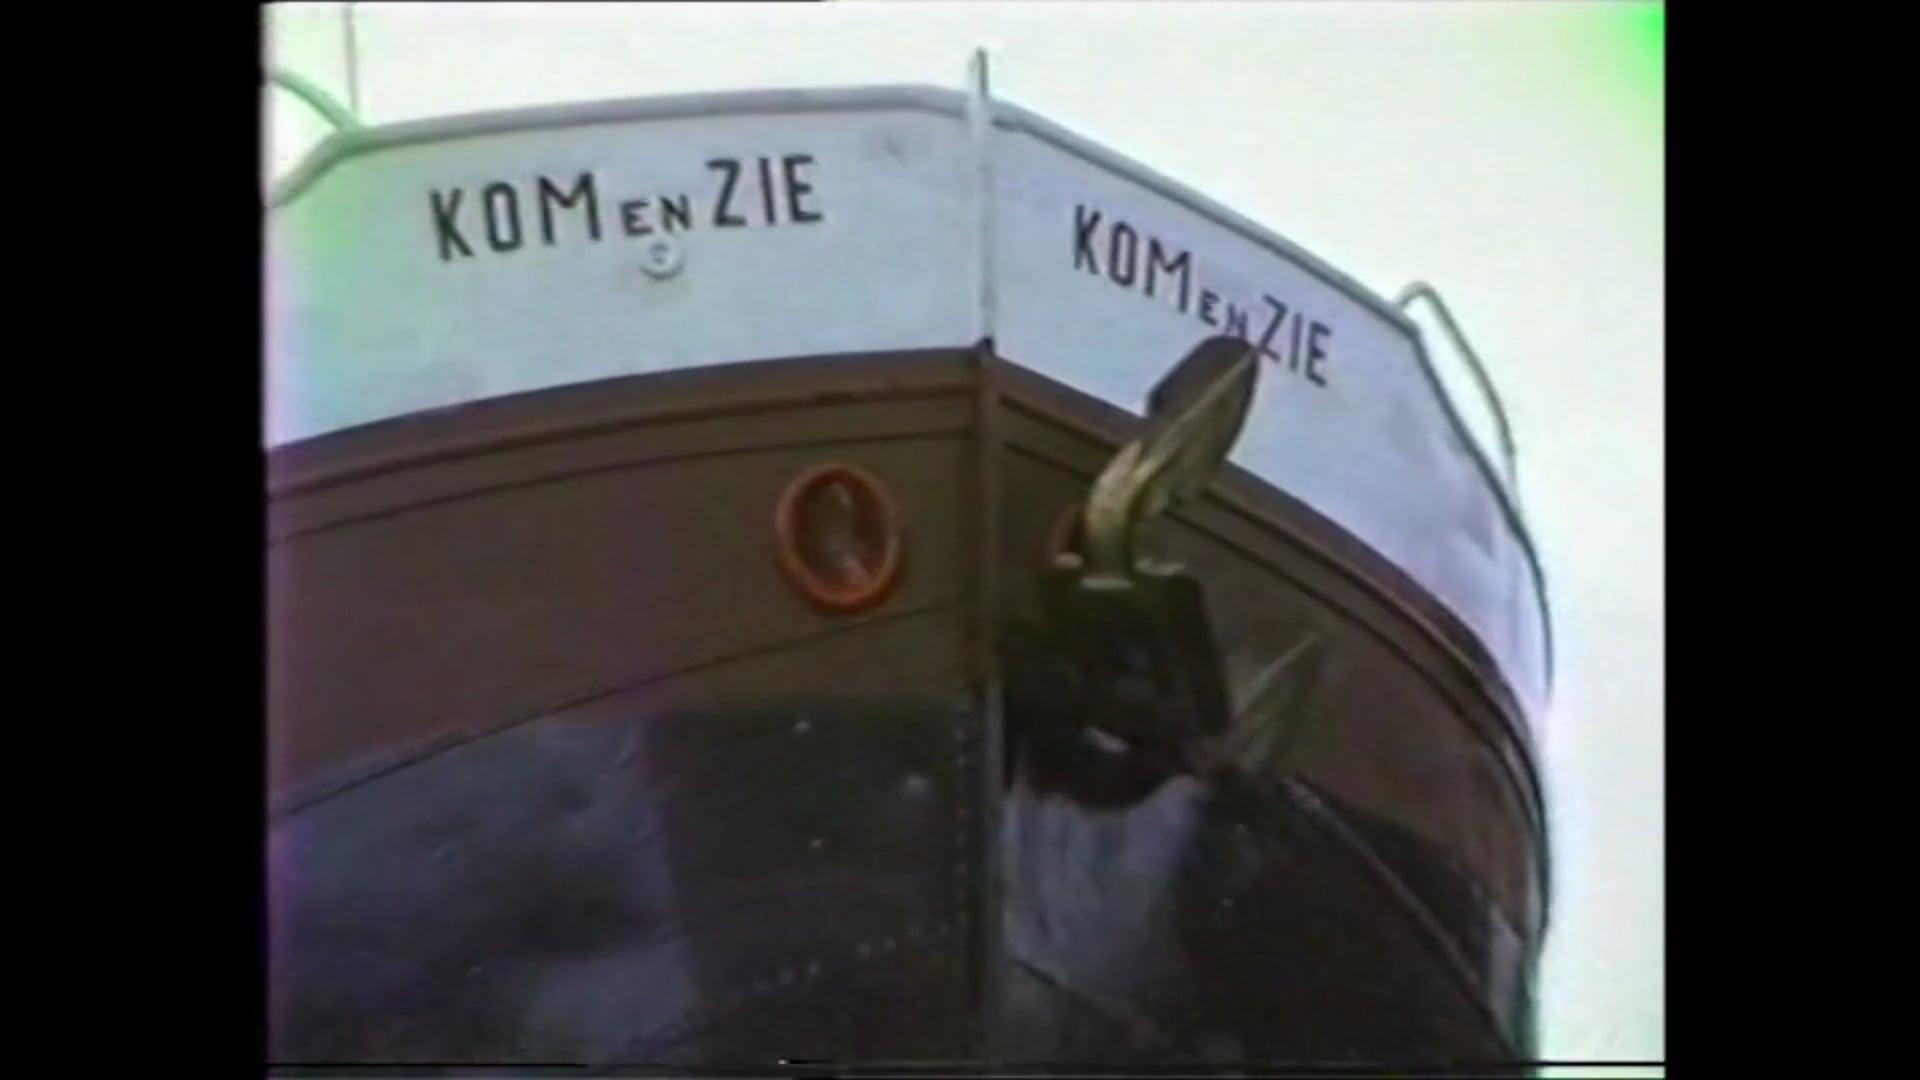 de Kom en Zie boot